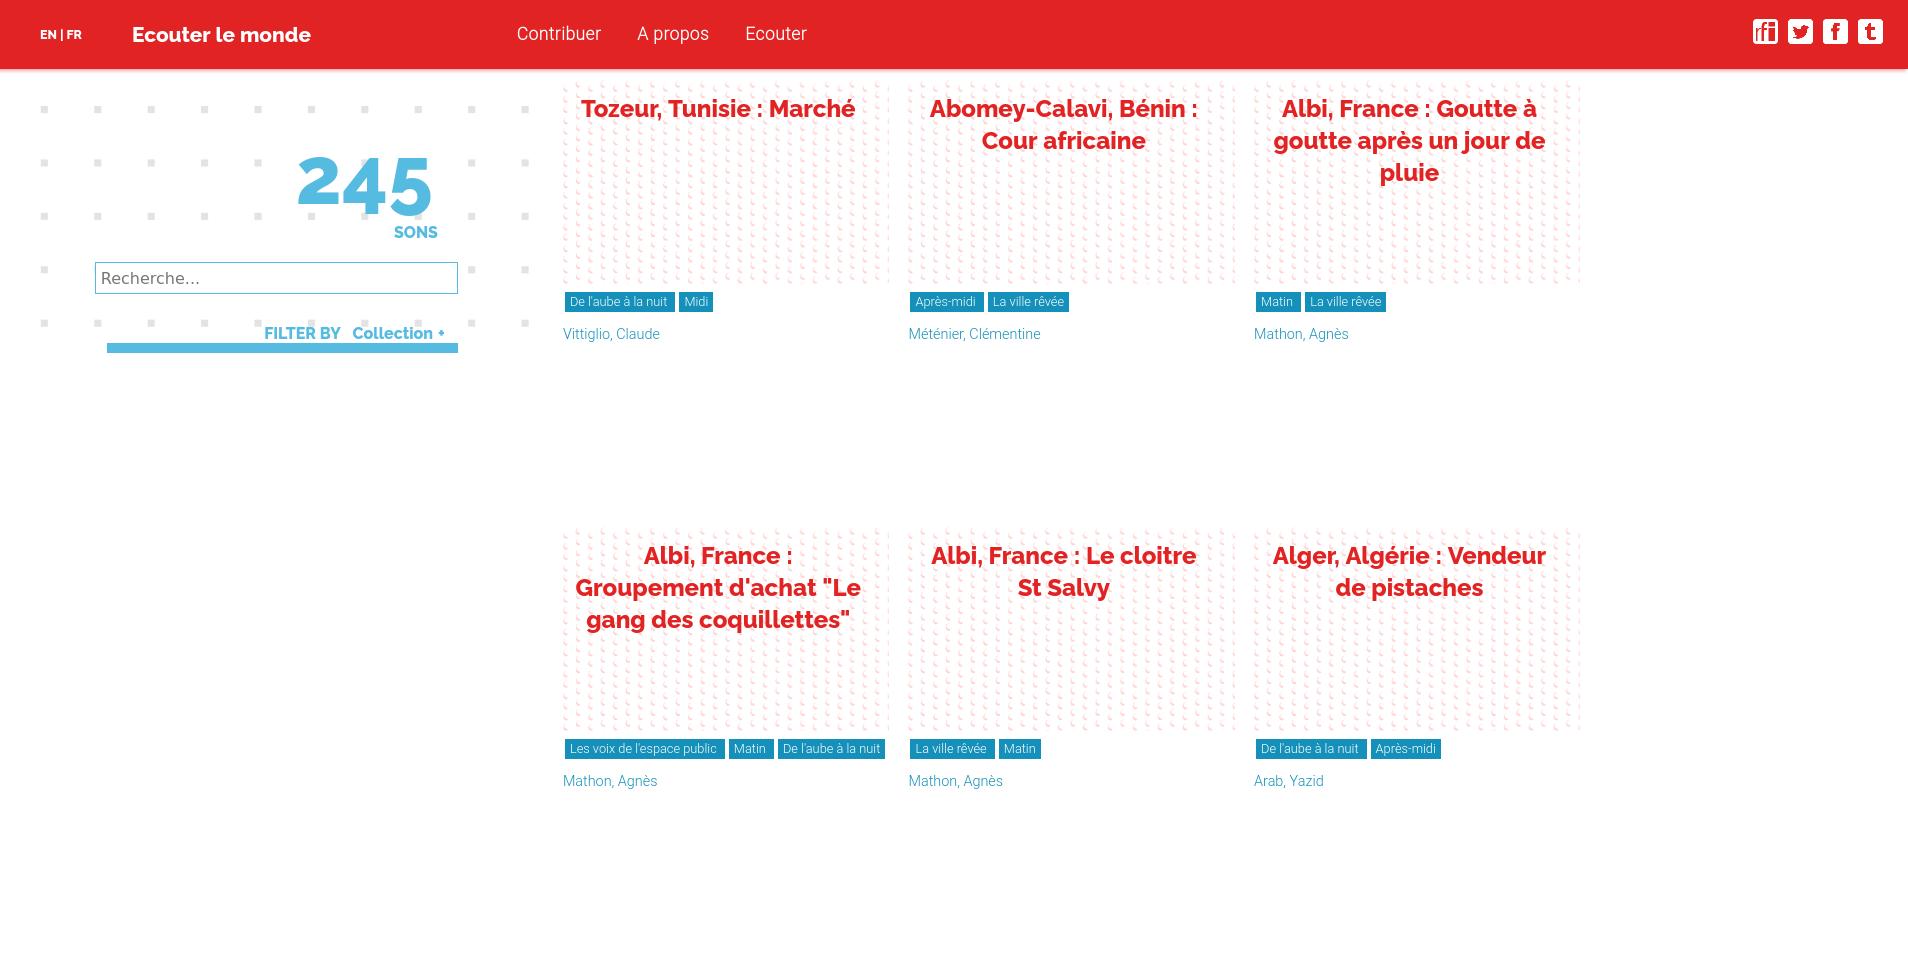 Screenshot_2021-10-04-Ecouter-le-monde-Homepage